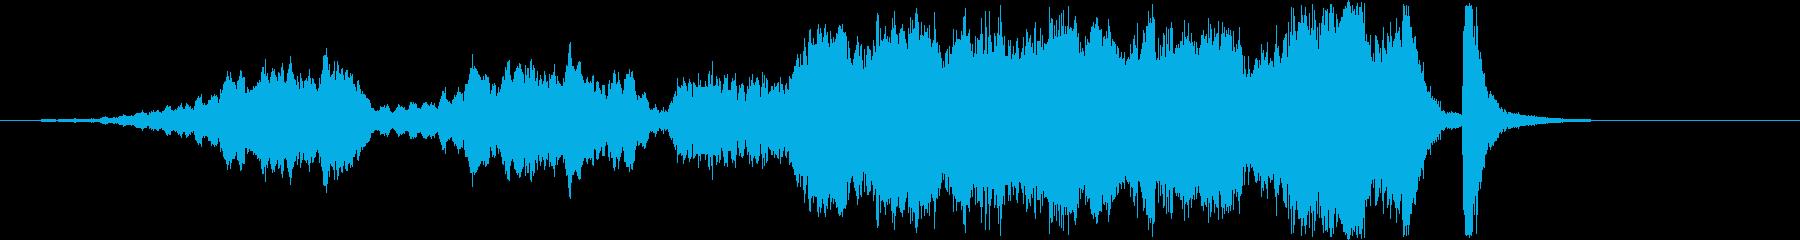 禿山の一夜/ムソルグスキー 冒頭部分の再生済みの波形